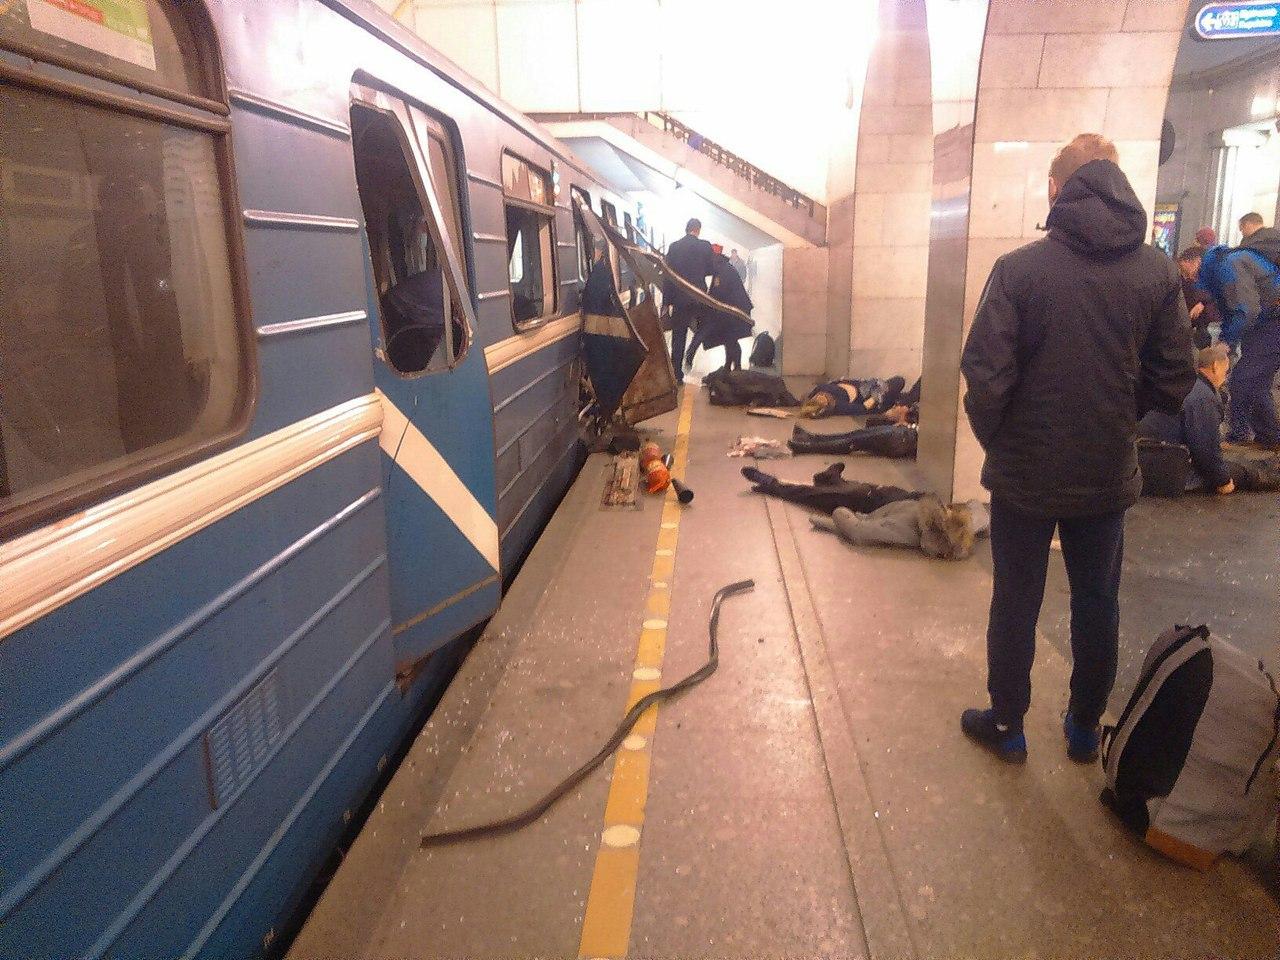 Во время теракта в метро Санкт-Петербурга пострадал гражданин Беларуси 1